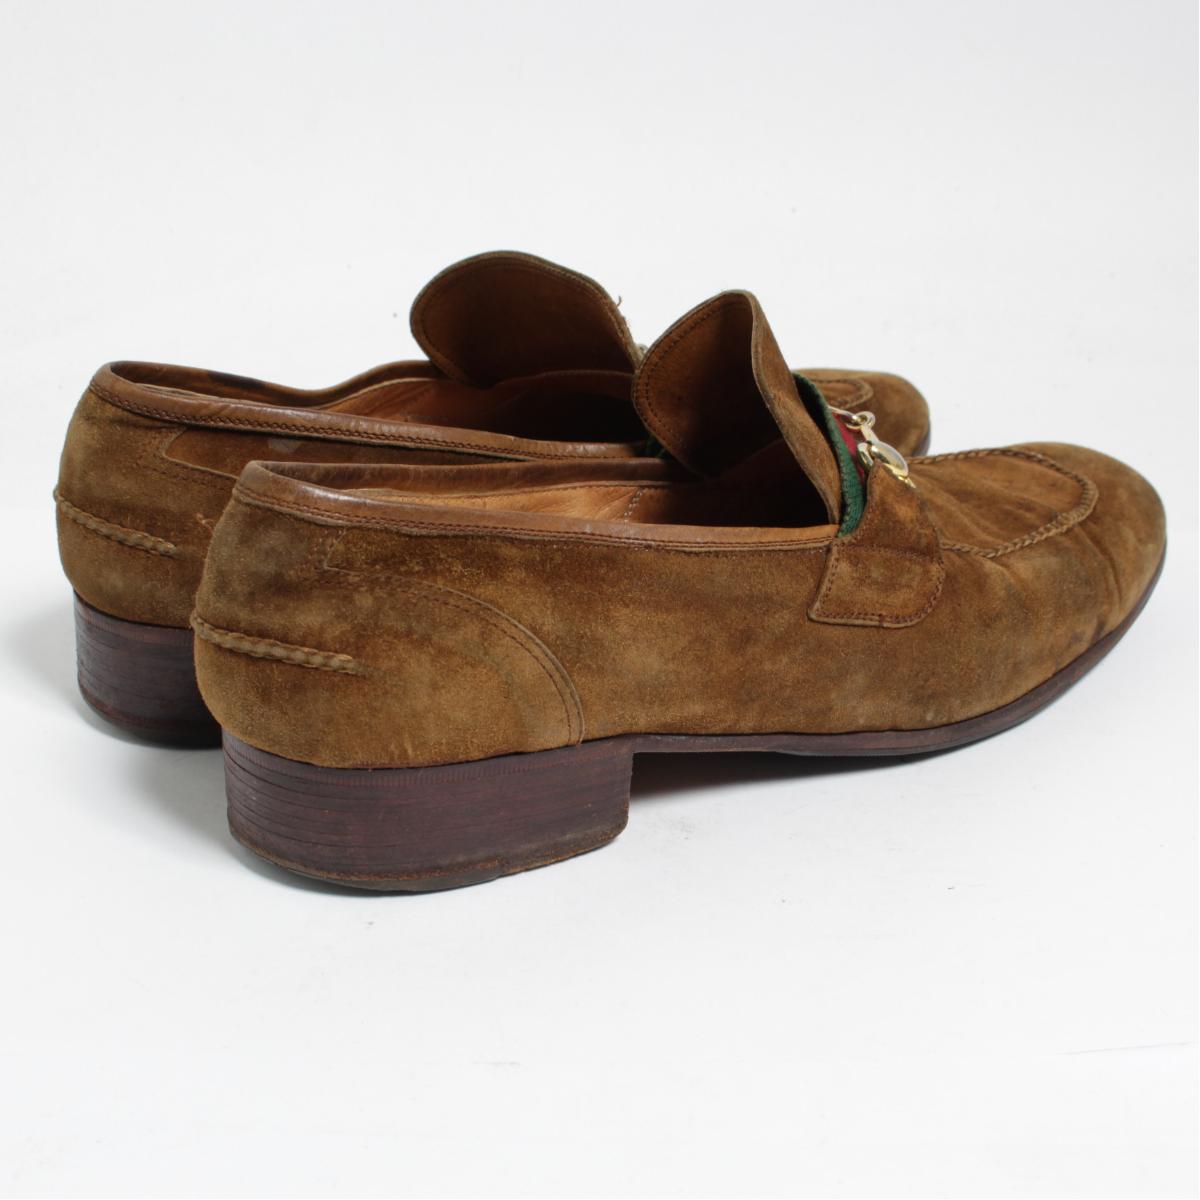 sports shoes 5afd4 c9fd8 70年代 グッチ GUCCI オールドグッチ シェリーライン ホースビットローファー イタリア製 メンズ27.5cm ヴィンテージ /bom8046  【180517】